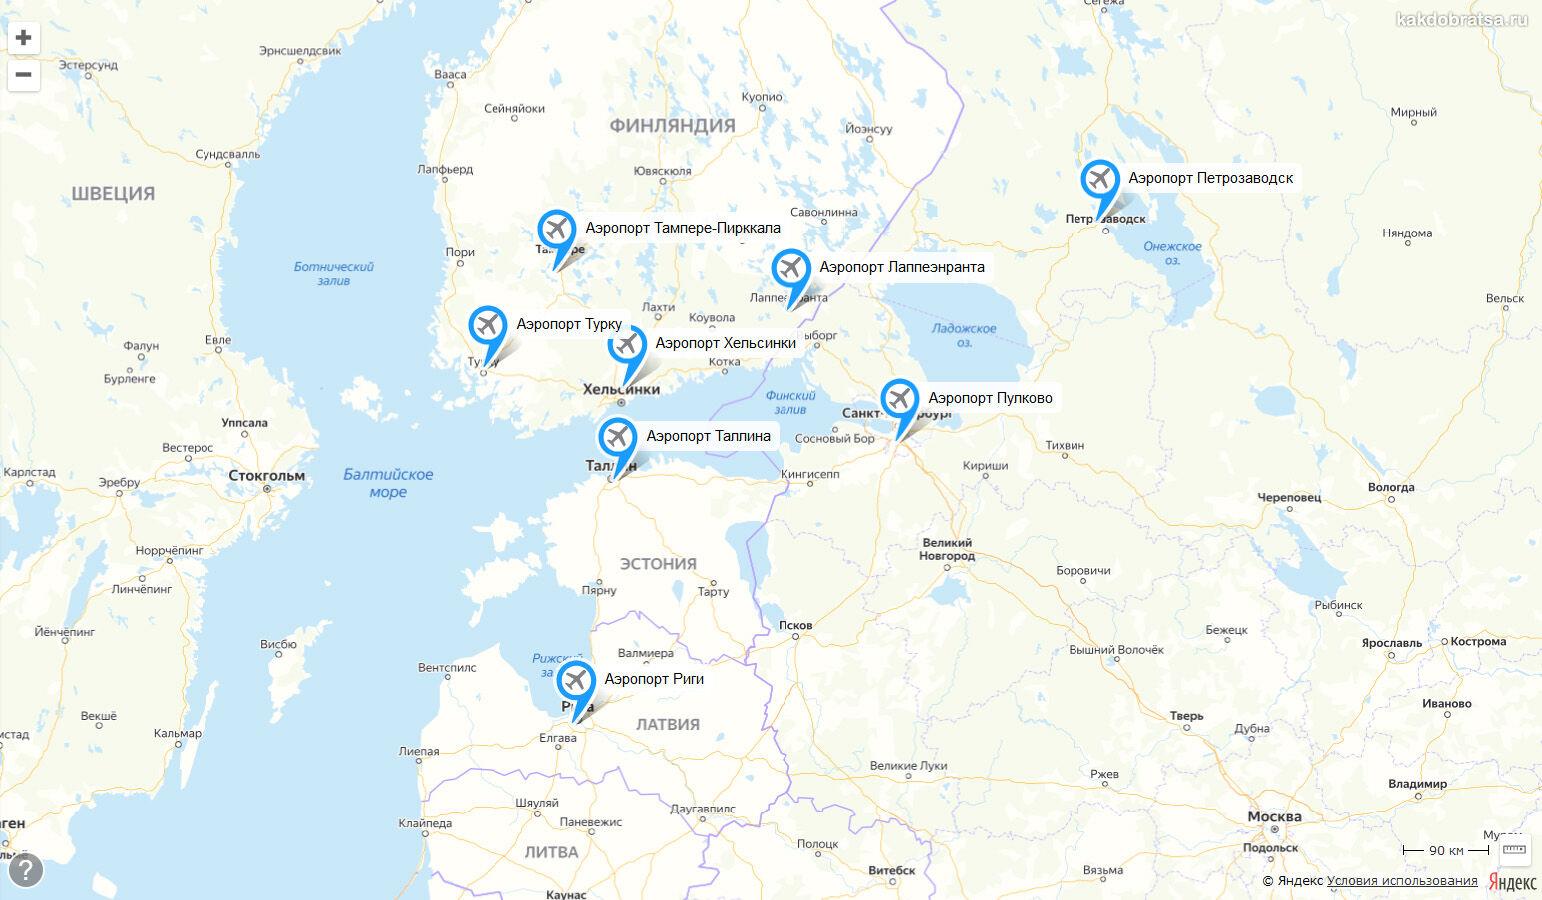 Аэропорты рядом с Санкт-Петербургом на карте